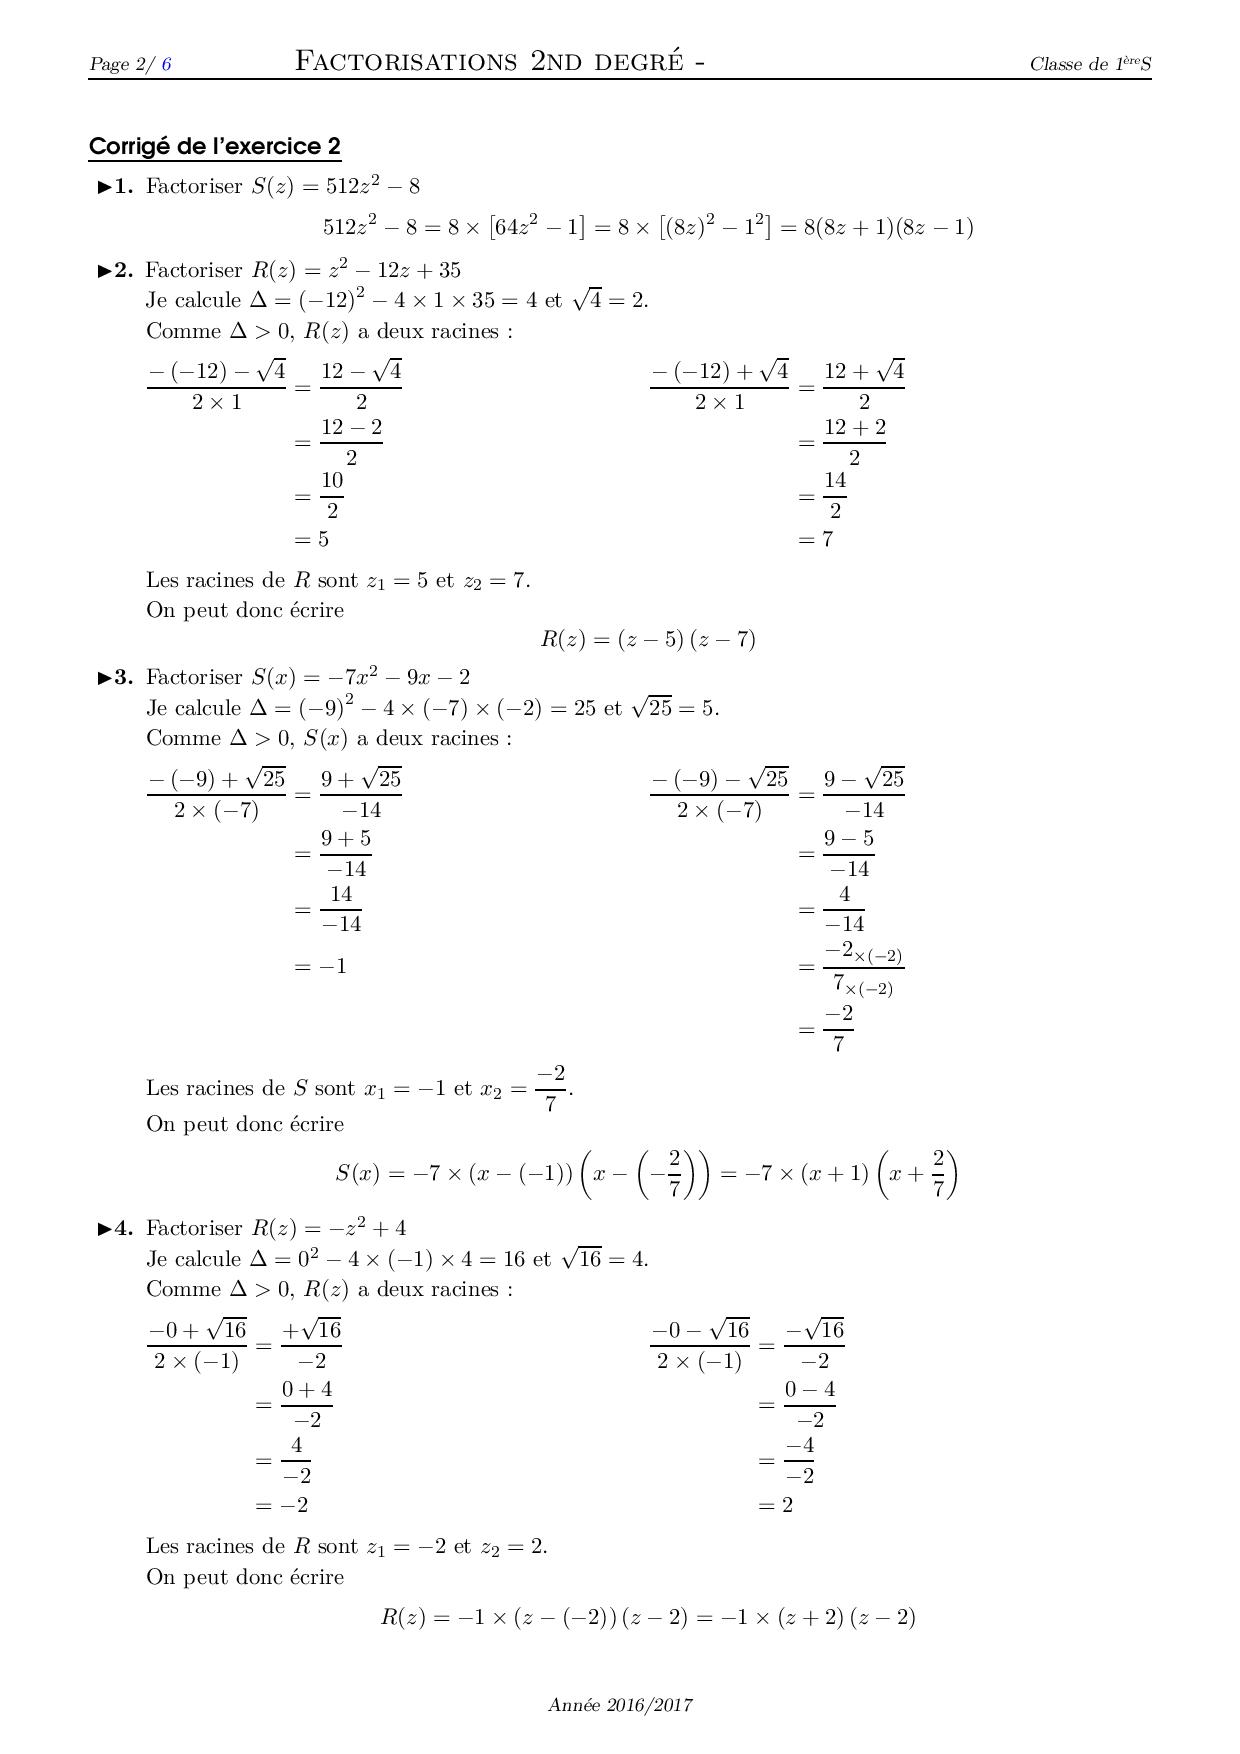 Factorisation d'un polynôme du second degré - Corrigé ...